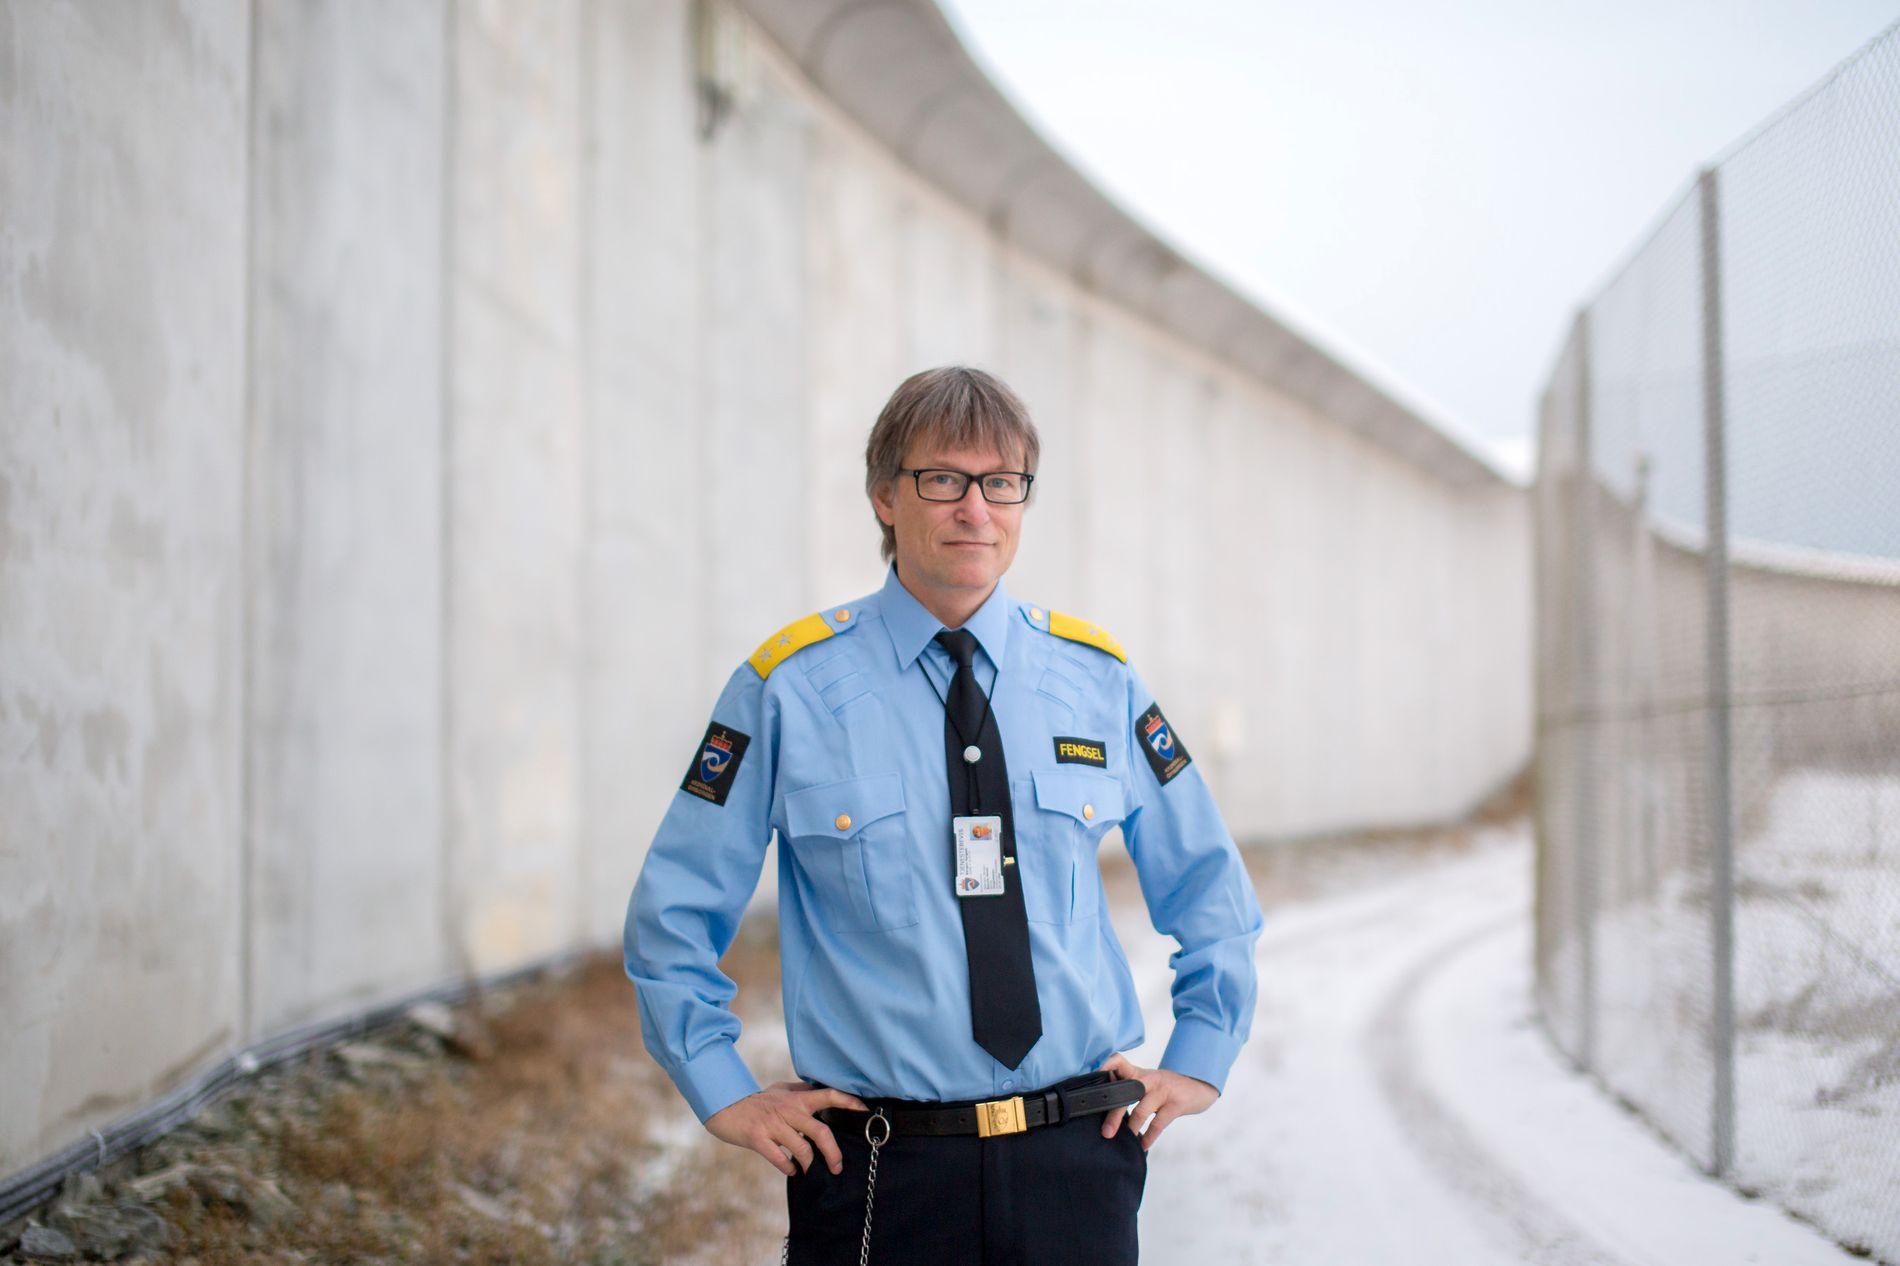 SLÅR ALARM: Fengselssjef i Bergen, Harald Åsaune, har i flere år sagt fra om høyt arbeidspress blant de ansatte og mangel på rehabilitering av de innsatte.